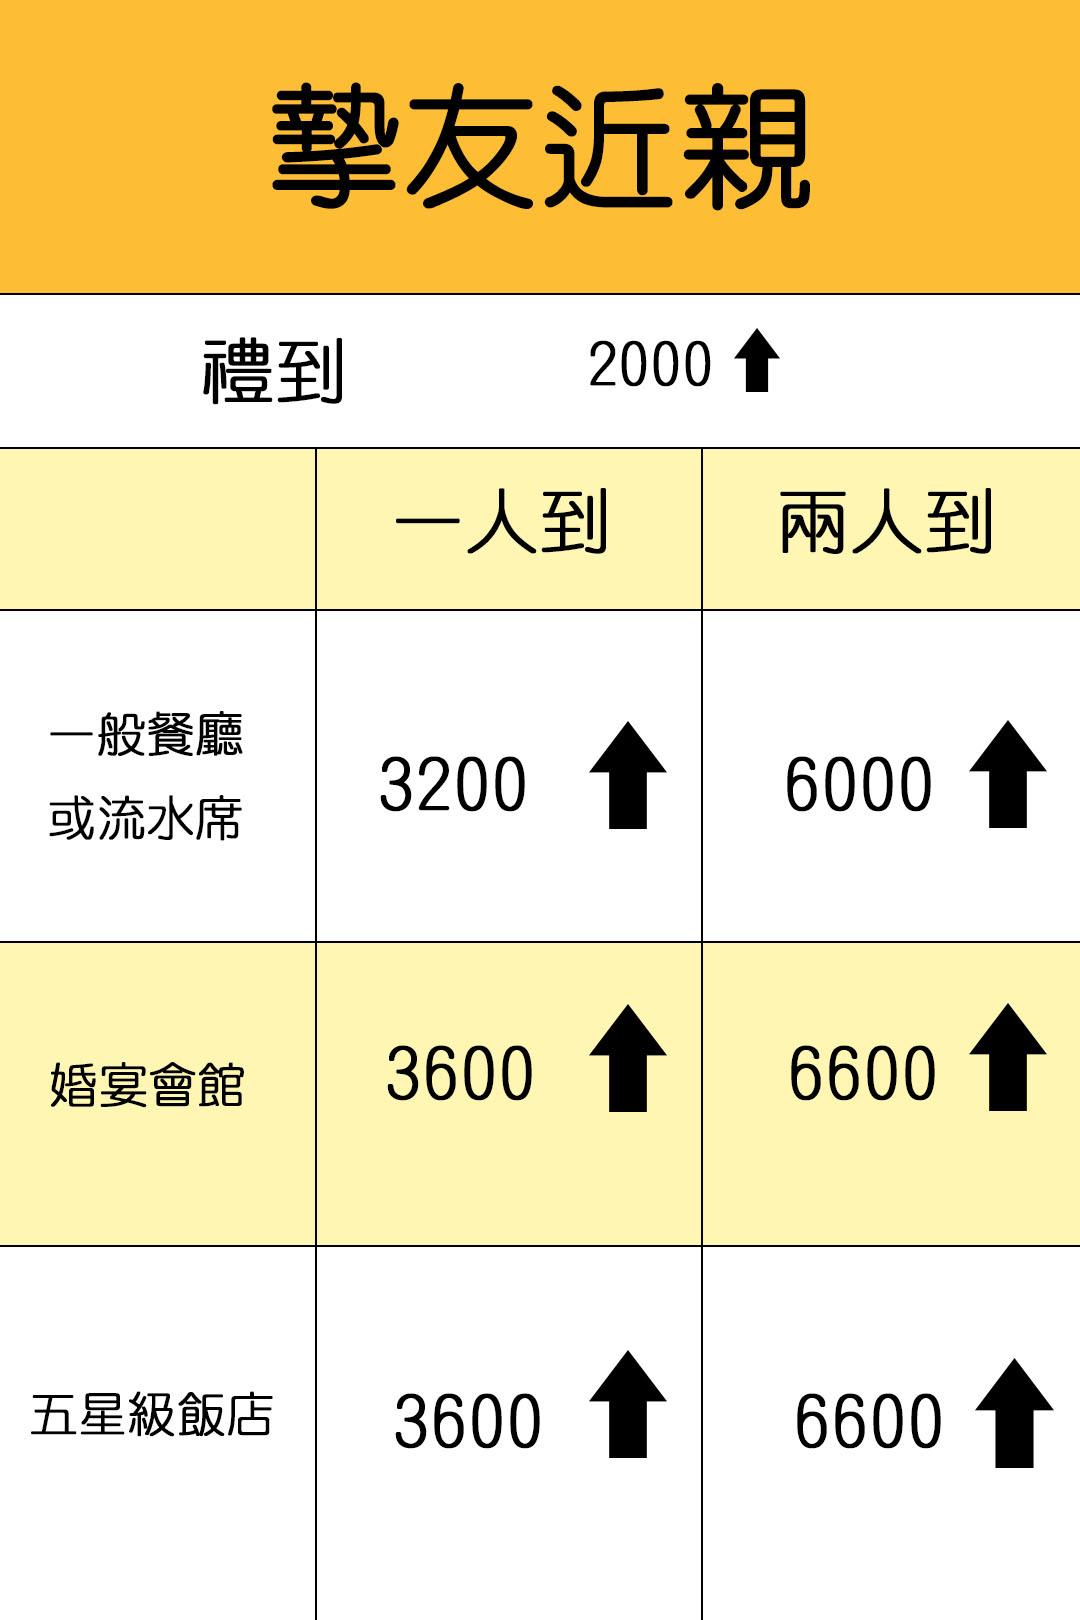 摯友近親 :禮到2000,流水席一般餐廳3200起, 婚宴會館3600起, 五星飯店 3600起